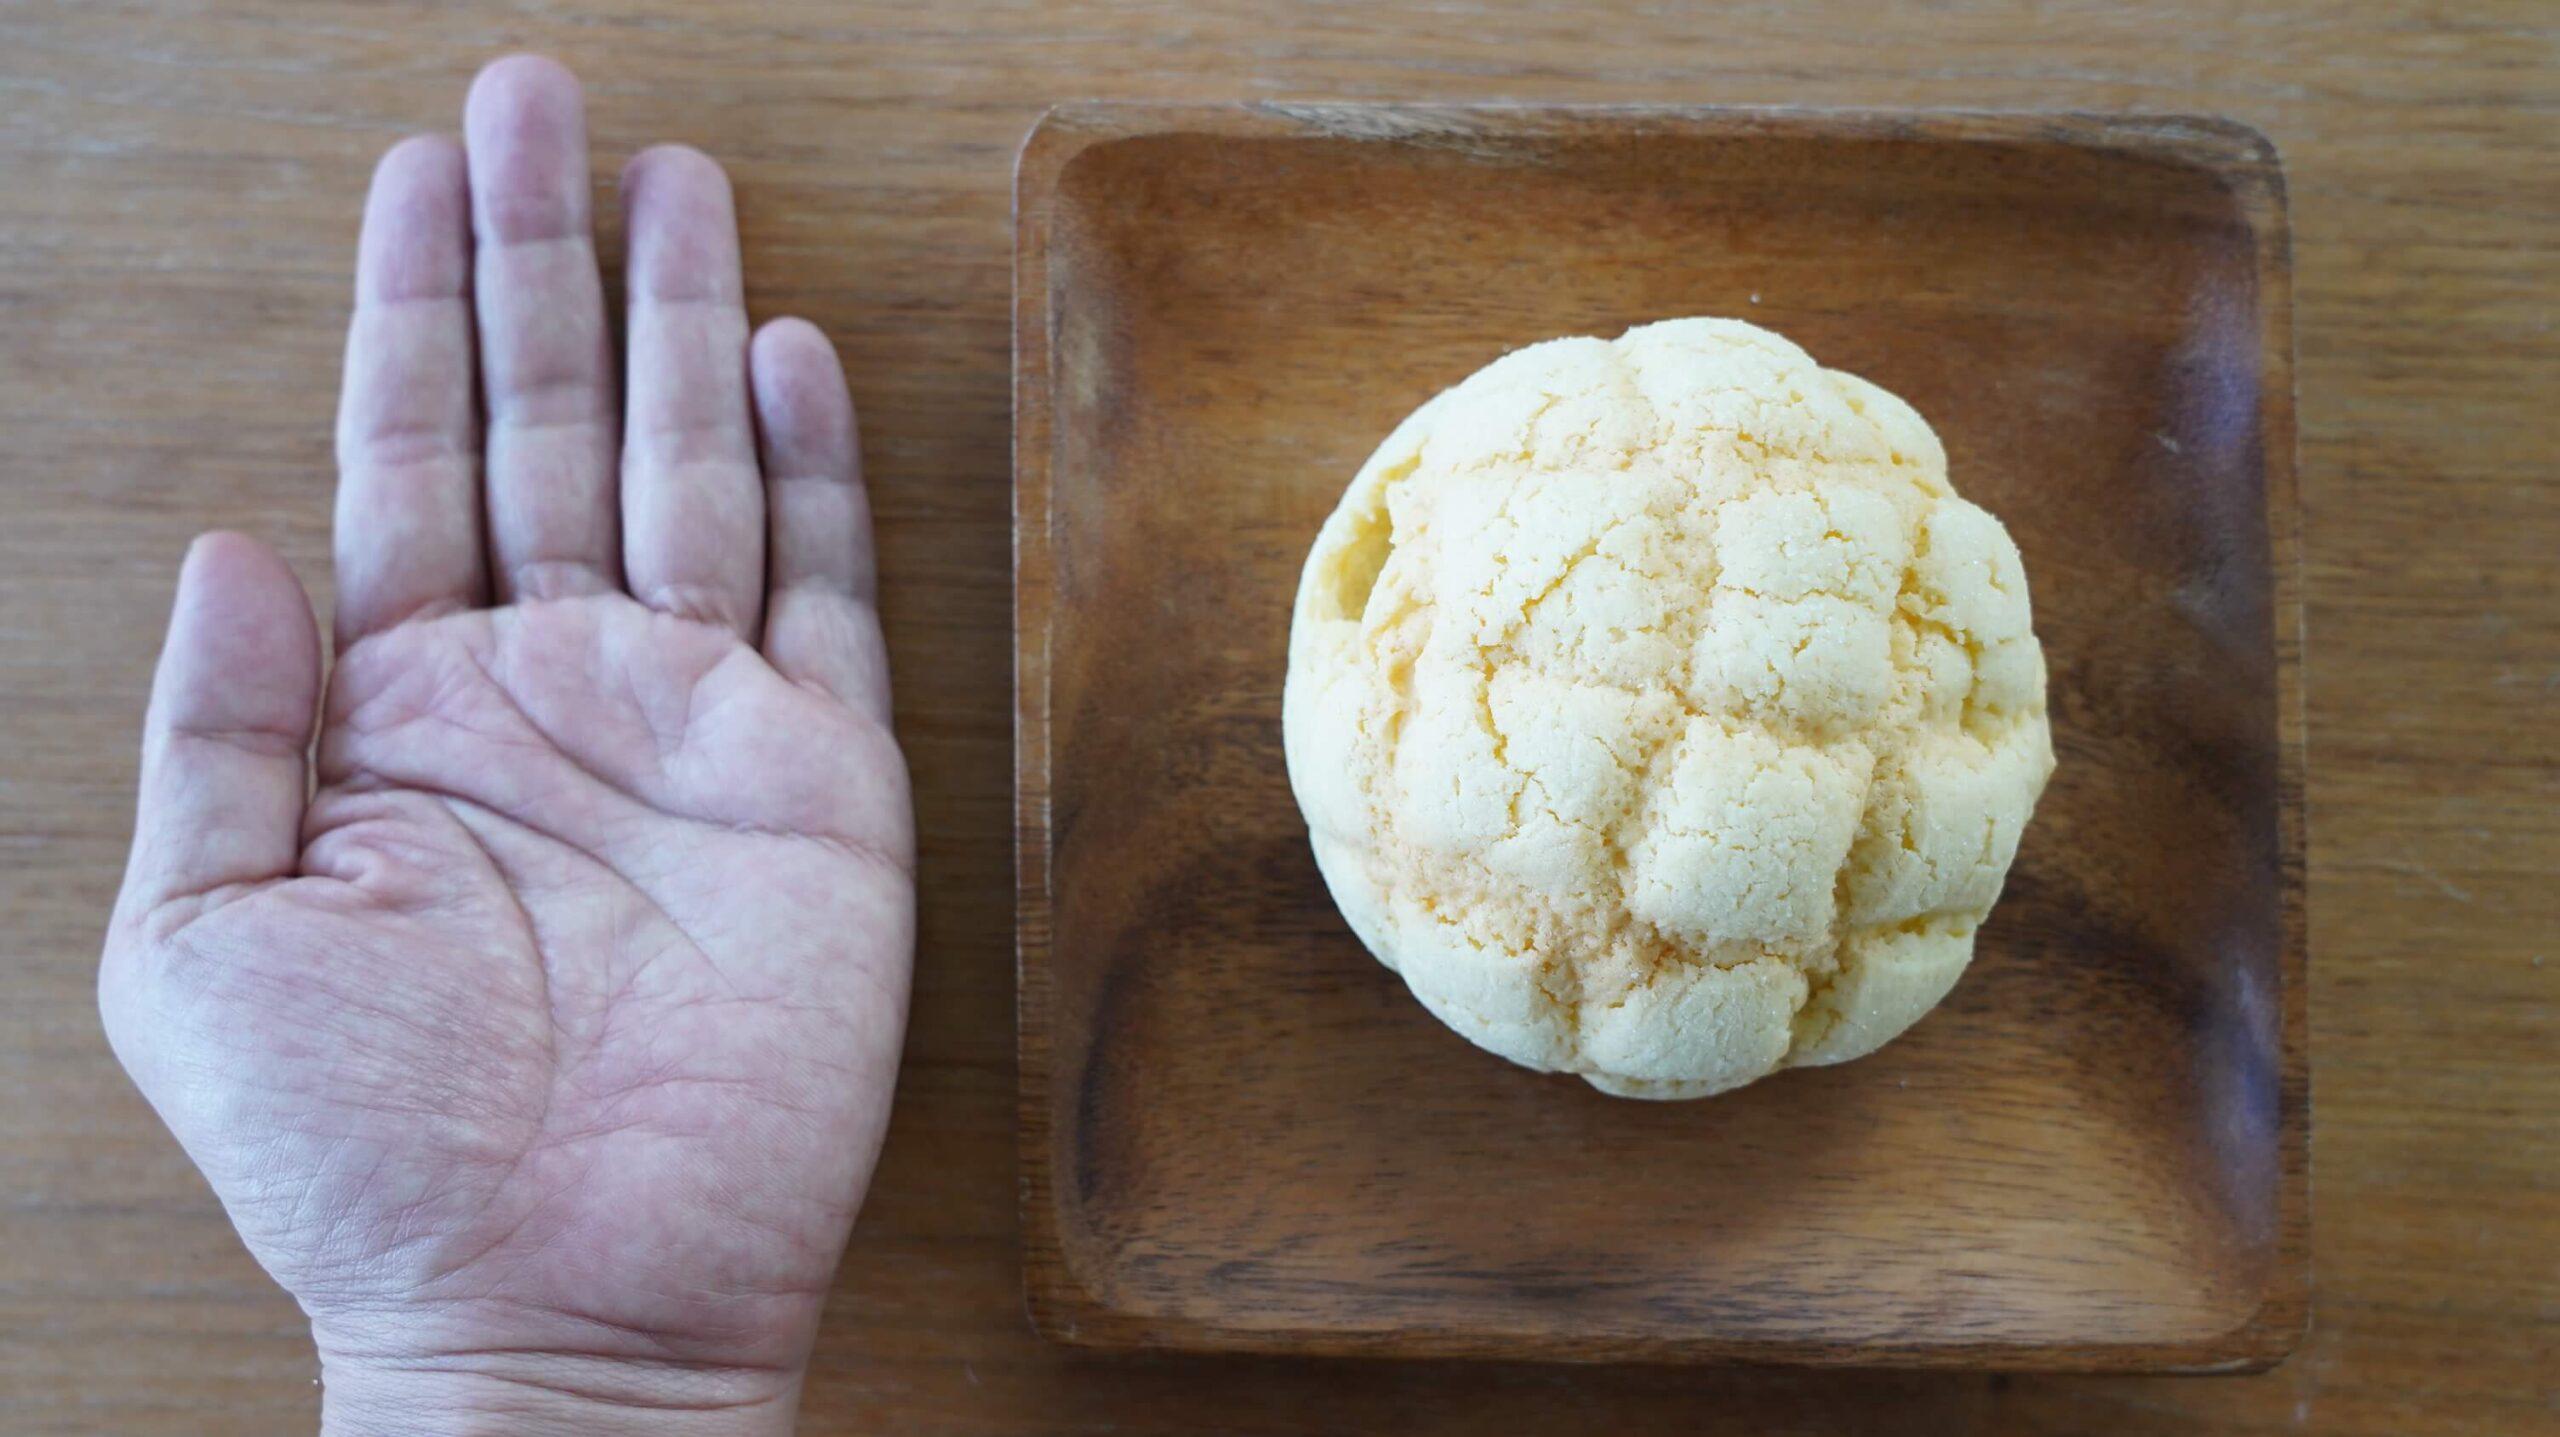 セブンイレブンの冷凍食品「冷たく食べるメロンパン」と手の大きさを比べている写真